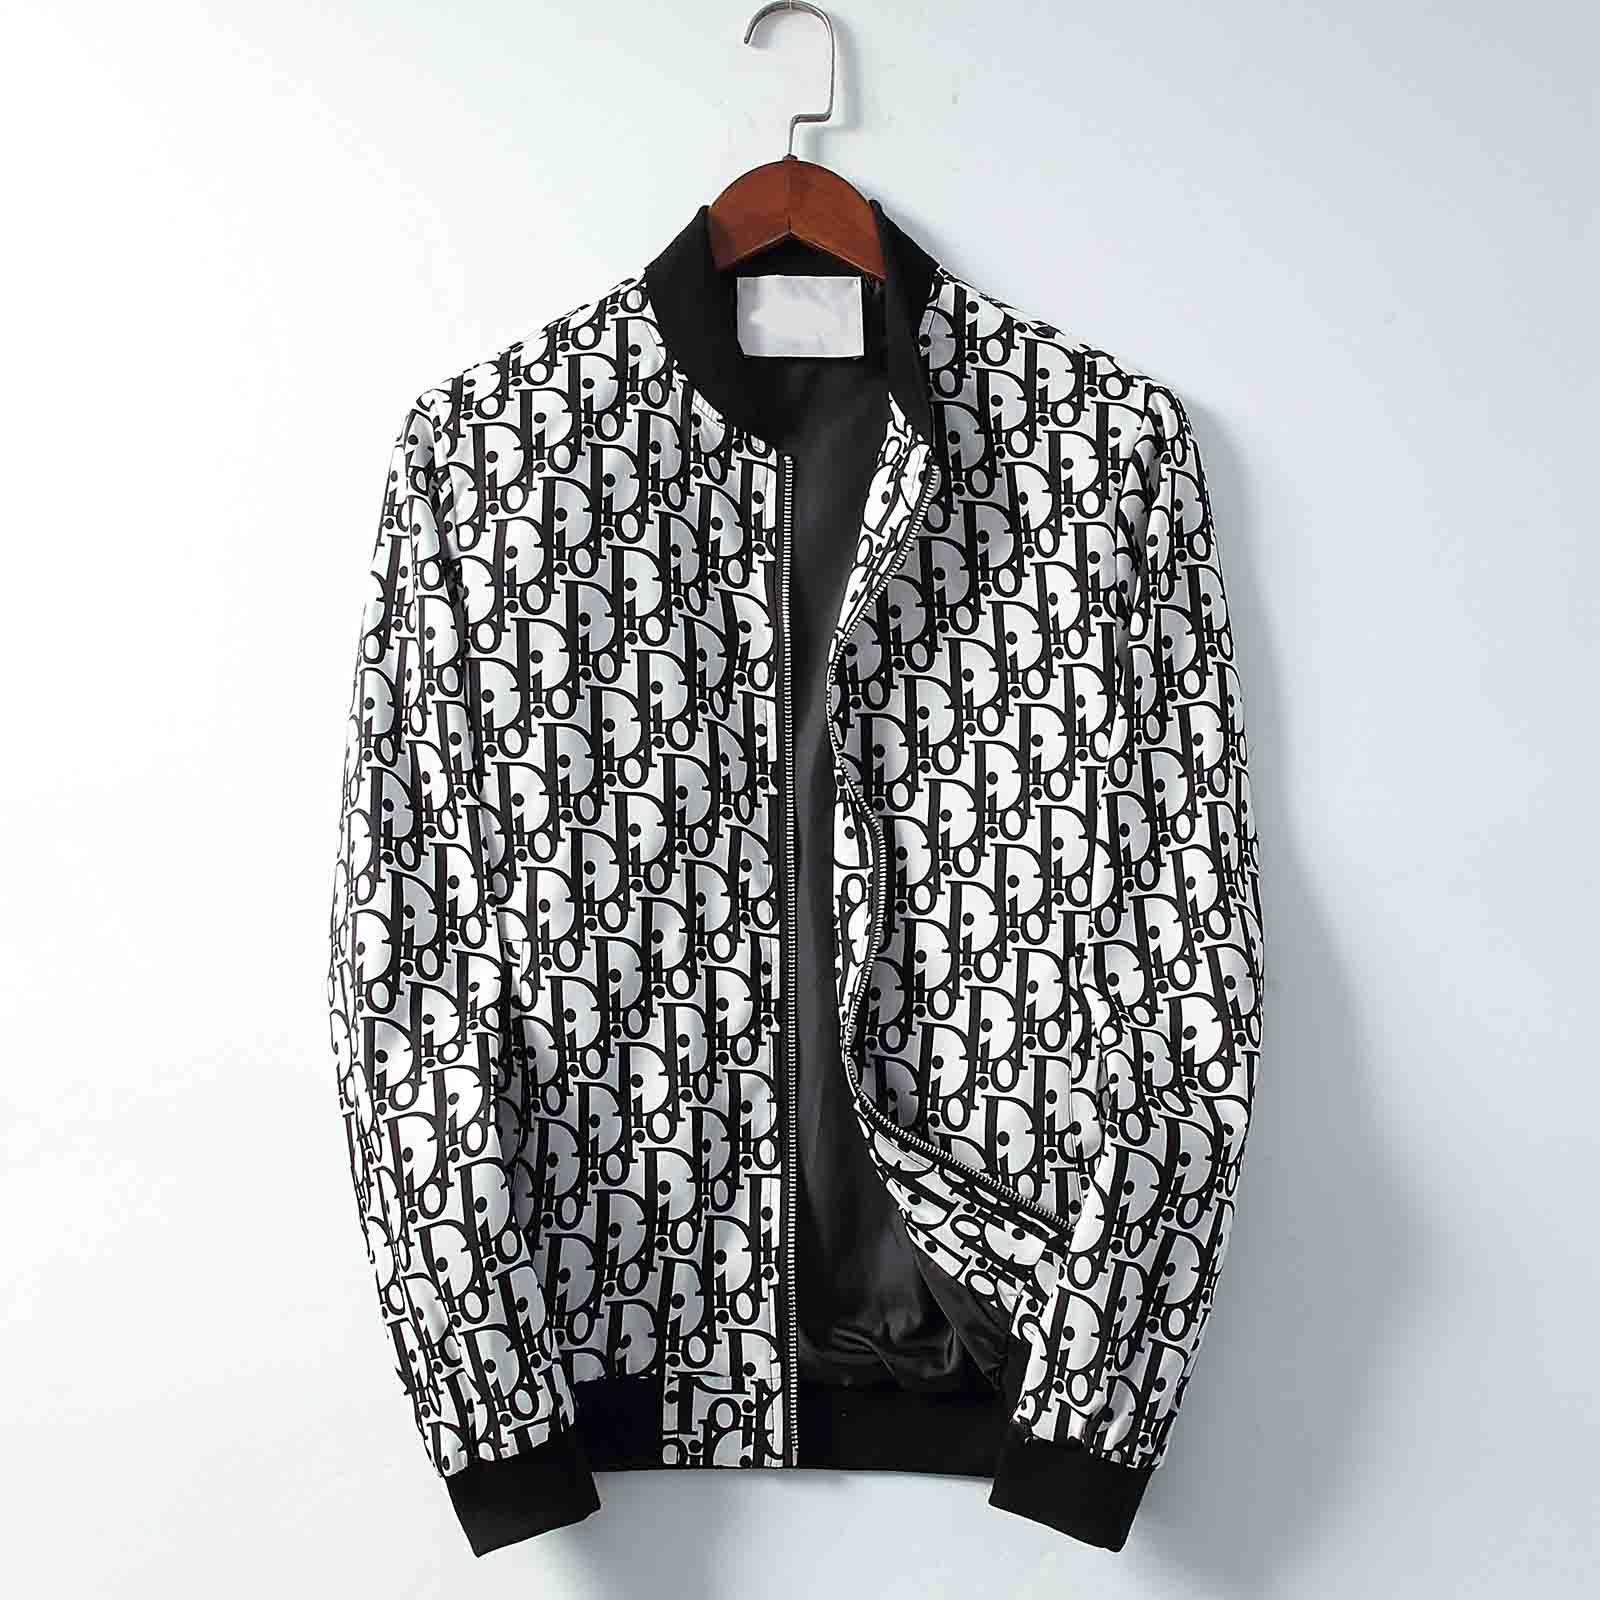 Coats Jacket Brand New Autunno Inverno Mens Clothes Zipper moda giacche casual maniche lunghe con cappuccio Giacca a vento Giacche Uomo Donna Sport